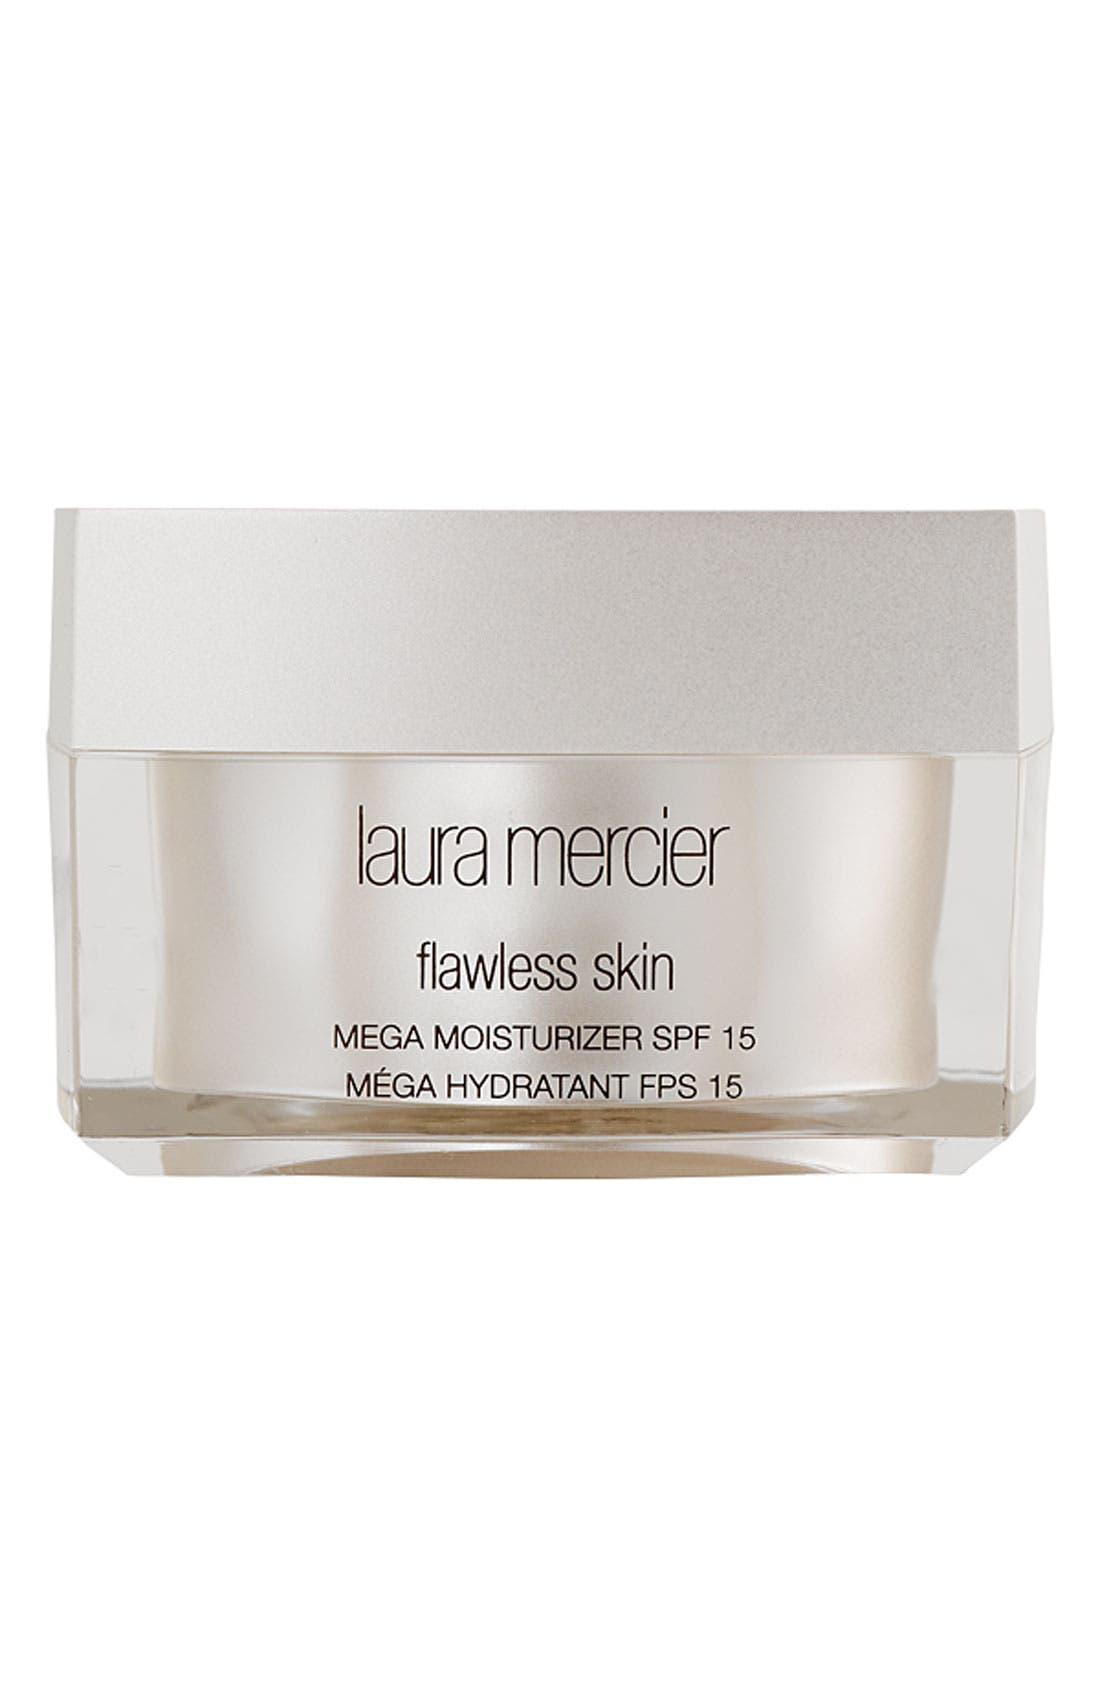 Laura Mercier 'Flawless Skin' Mega Moisturizer SPF 15 for Normal/Dry Skin